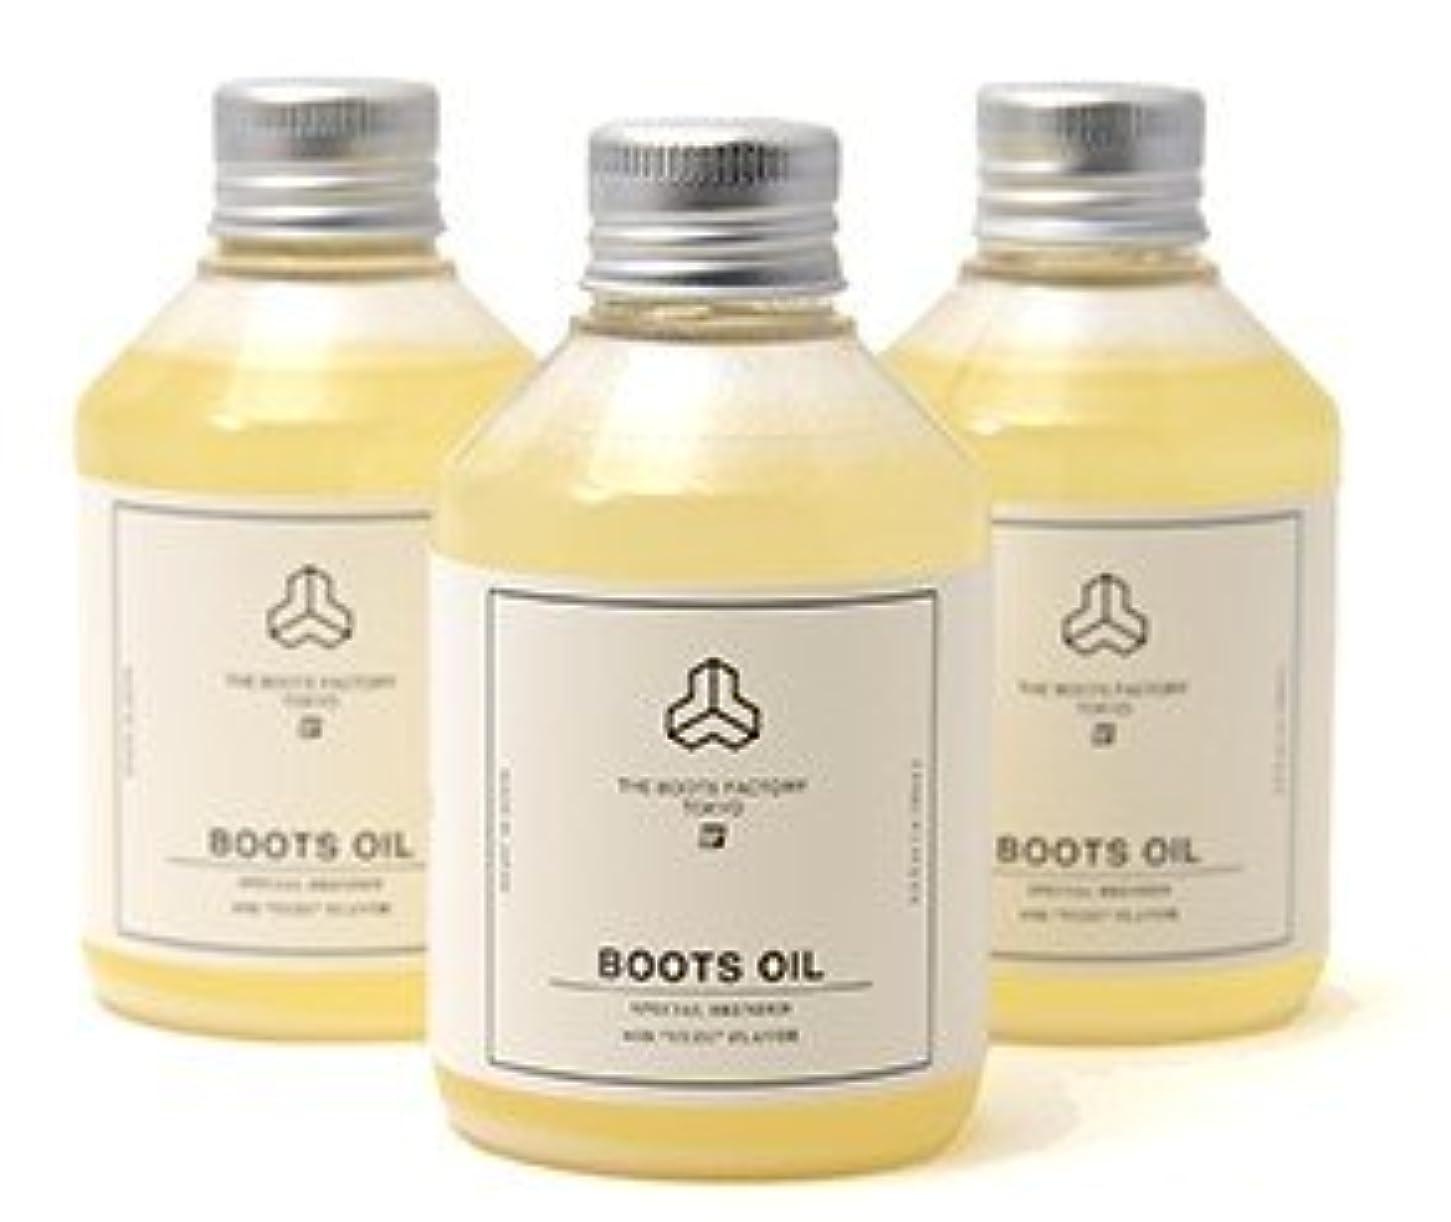 謝る山岳害THE BOOTS FACTORY BOOTS OIL ザ ブーツファクトリー ブーツオイル